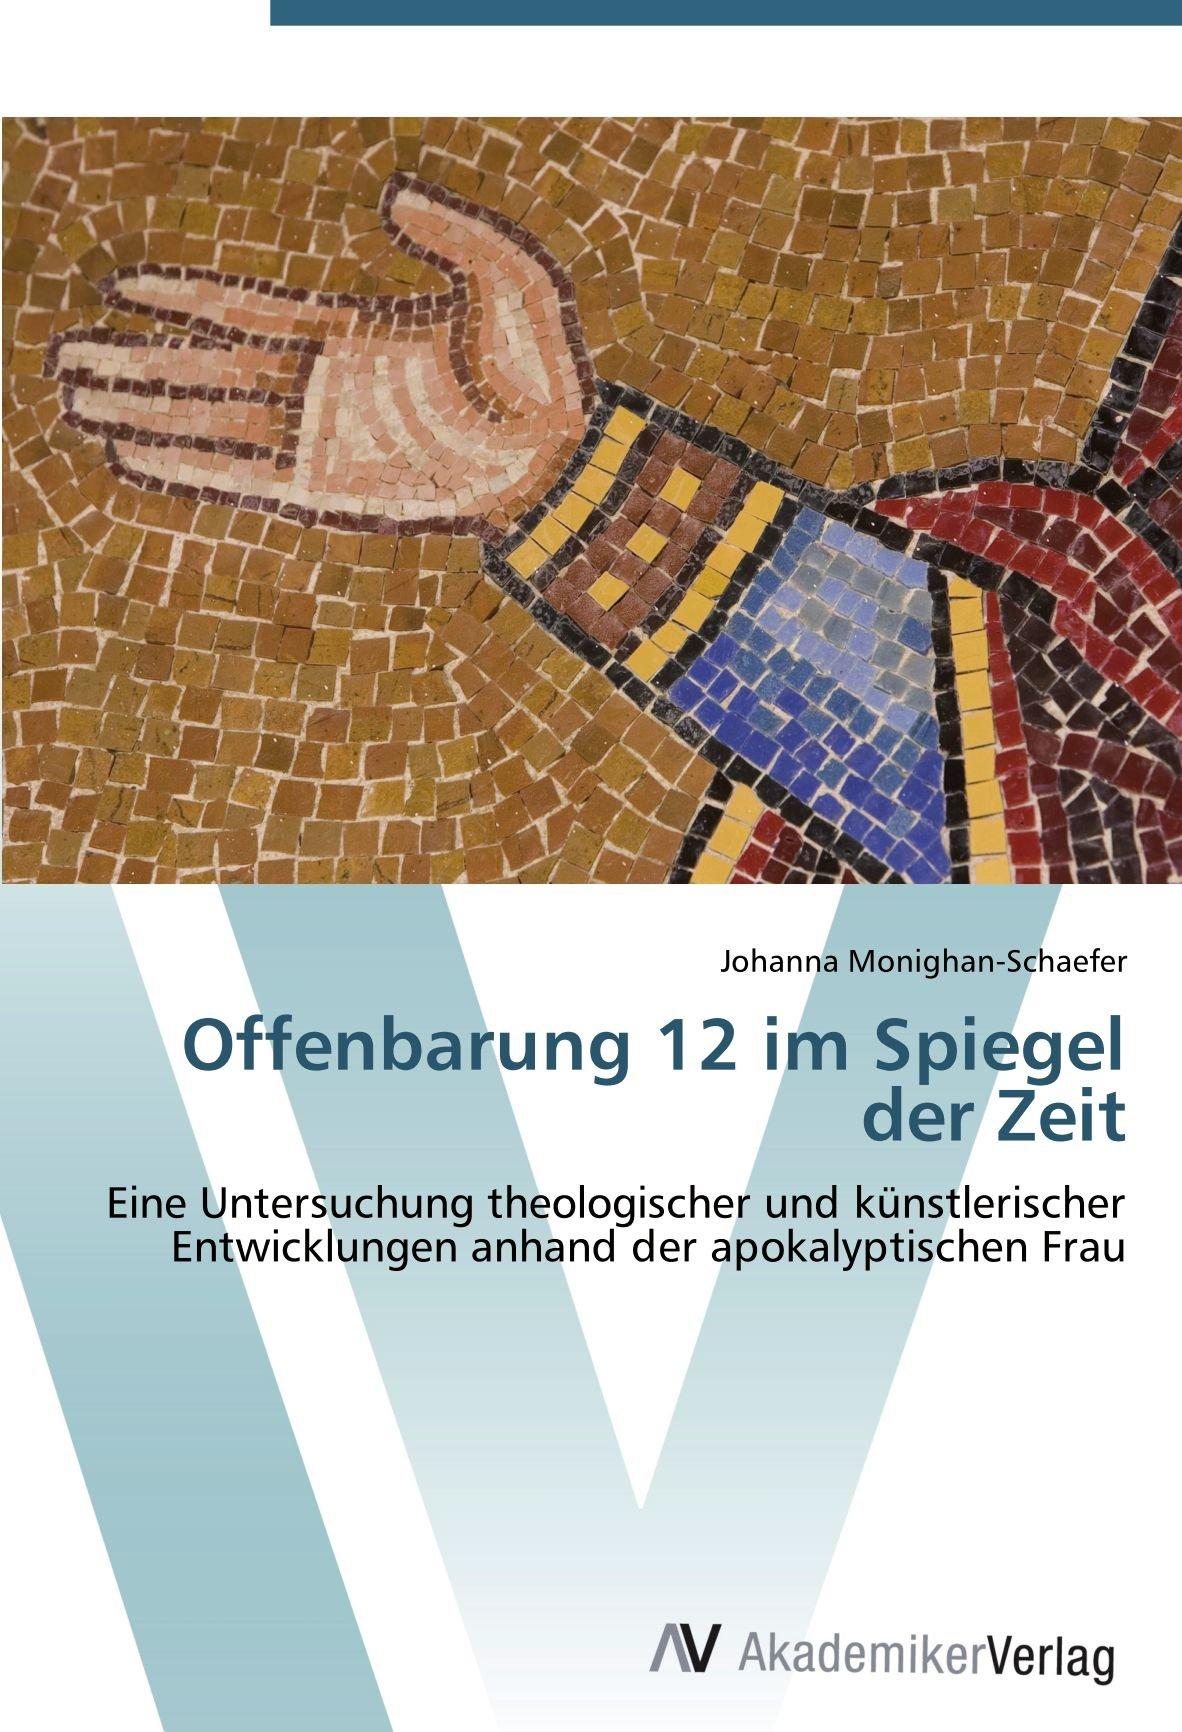 Offenbarung 12 im Spiegel der Zeit: Eine Untersuchung theologischer und künstlerischer Entwicklungen anhand der apokalyptischen Frau (German Edition) pdf